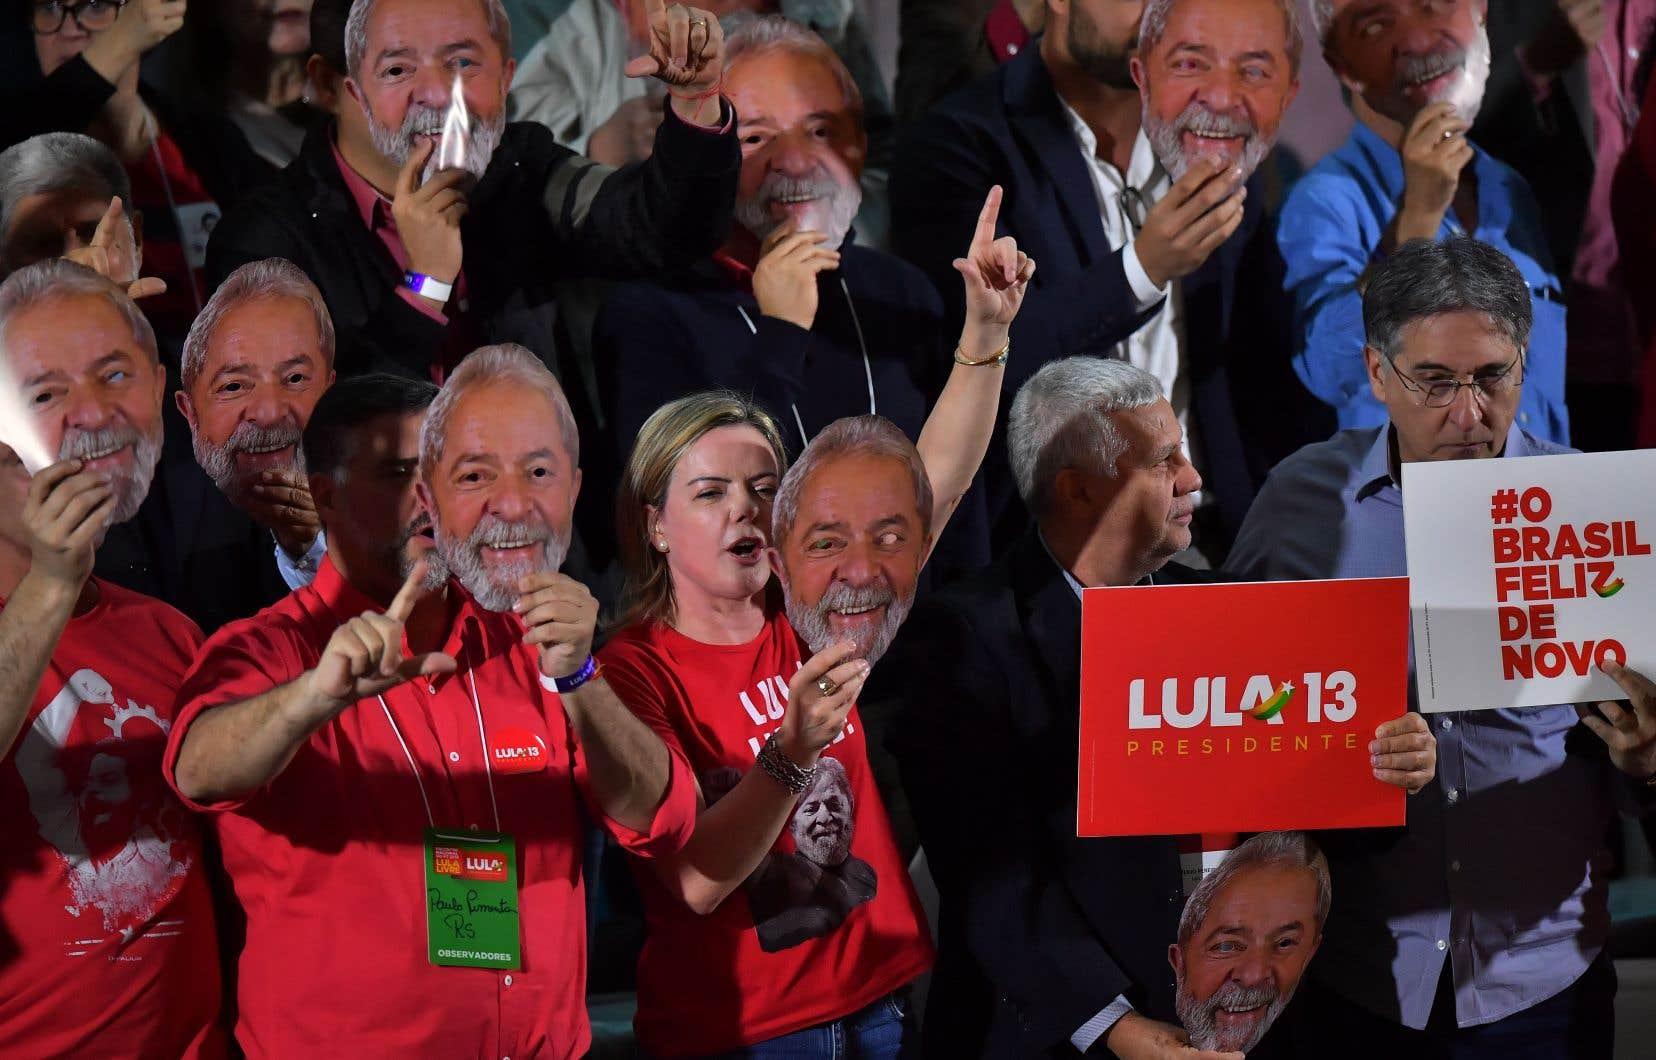 La sénatrice brésilienne et présidente du Parti des travailleurs (PT), Gleisi Hoffmann (centre), tient un masque représentant l'ancien président brésilien Luiz Inacio Lula da Silva, lors du congrès national du PT, à Sao Paulo.